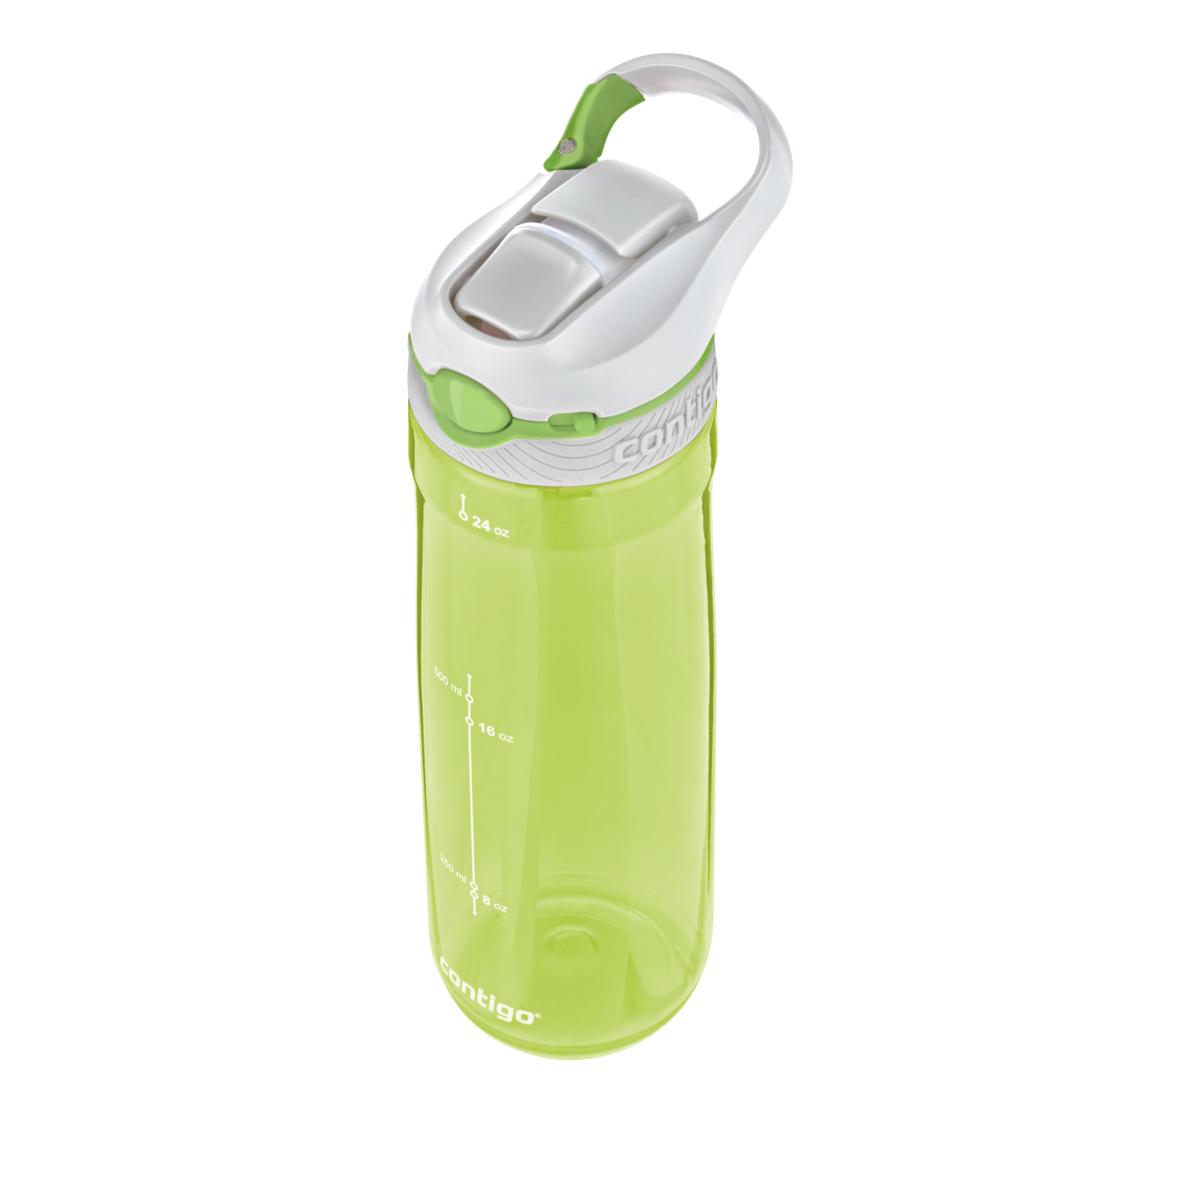 Бутылка для воды Contigo Ashland, цвет: салатовый, 720 млVT-1520(SR)Бутылка для напитков Contigo Ashland является отличным решением для тех, кто делает осознанный выбор в пользу практичности и комфорта. Благодаря тщательно продуманной форме вы с легкостью сможете положить ее в рюкзак либо сумку. Кроме этого бутылка для воды Contigo Ashland отлично поместится в подстаканник в автомобиле.Горлышко бутылки оснащенное системой Autospout закрывается надежно и герметично. Благодаря этому вы получите полную уверенность в том, что даже при перекидывании бутылки ее содержимое не прольется. Объем 720 мл.